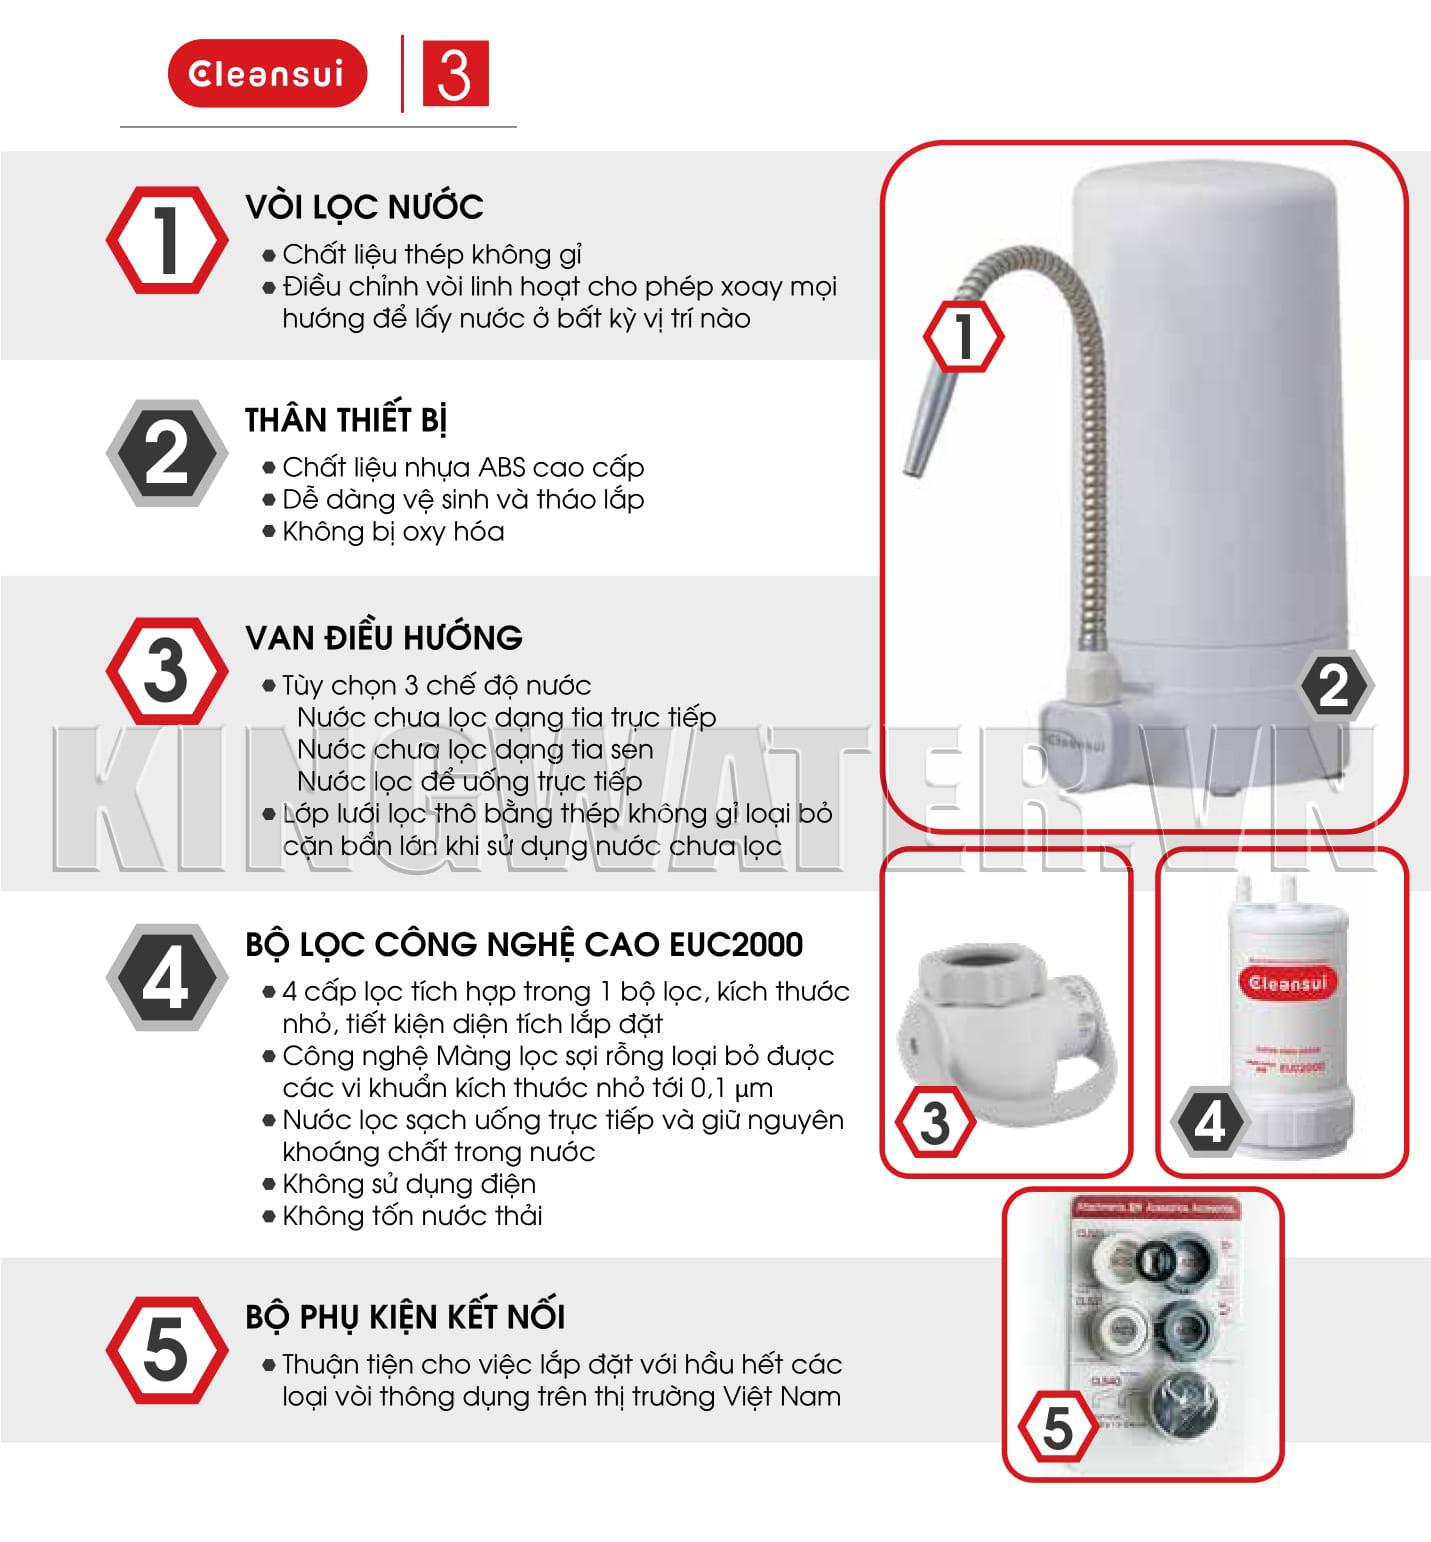 Cleansui ET101 được làm từ những chất liệu cao cấp có độ an toàn và độ bền cao